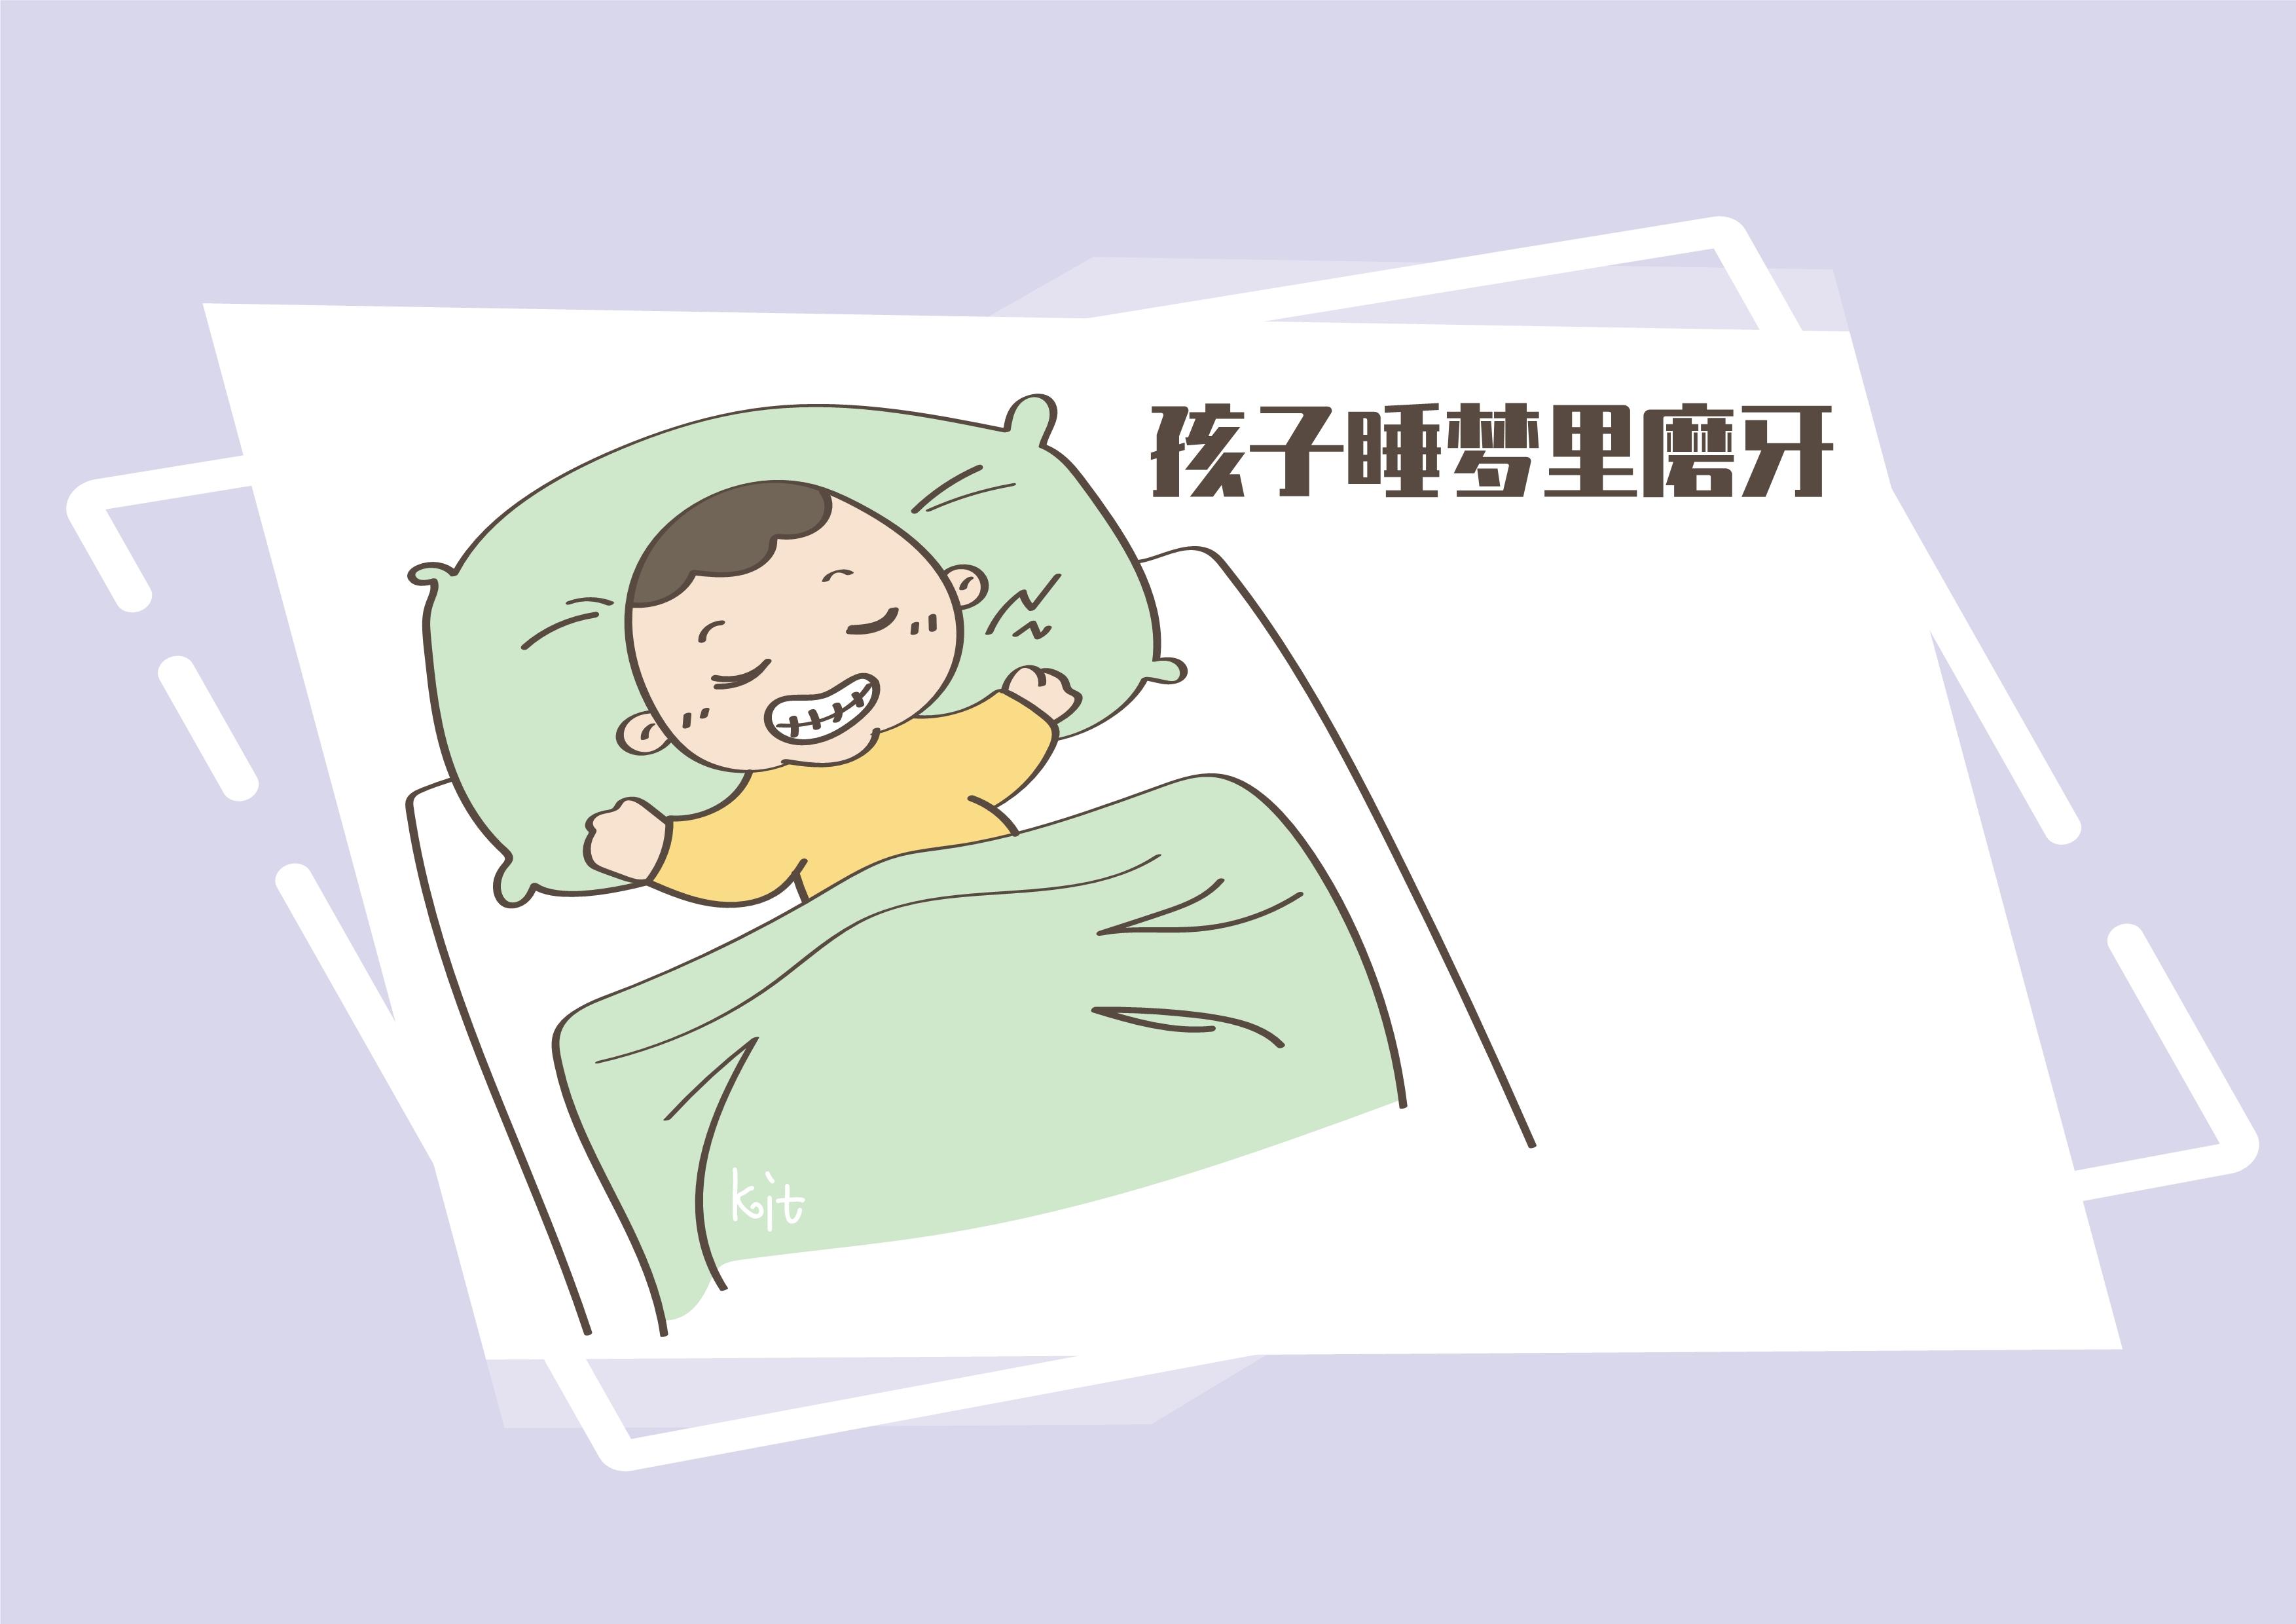 孩子睡夢里磨牙為哪般?除了缺鈣,還可能有以下幾個原因